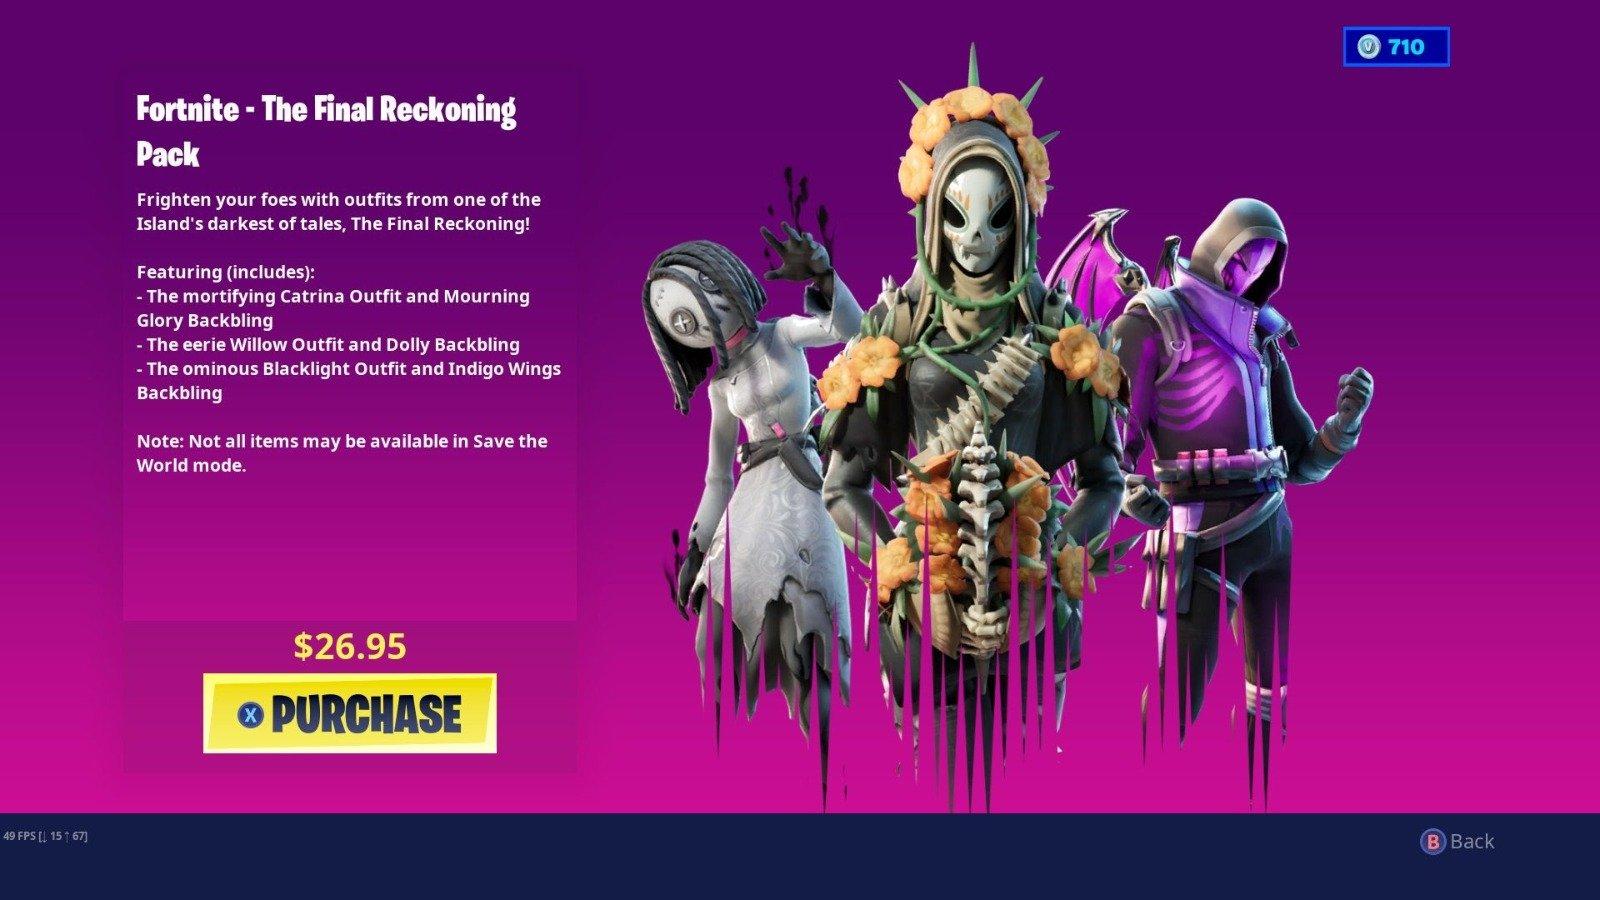 Fortnite The Reckoning Bundle Pack Leaked